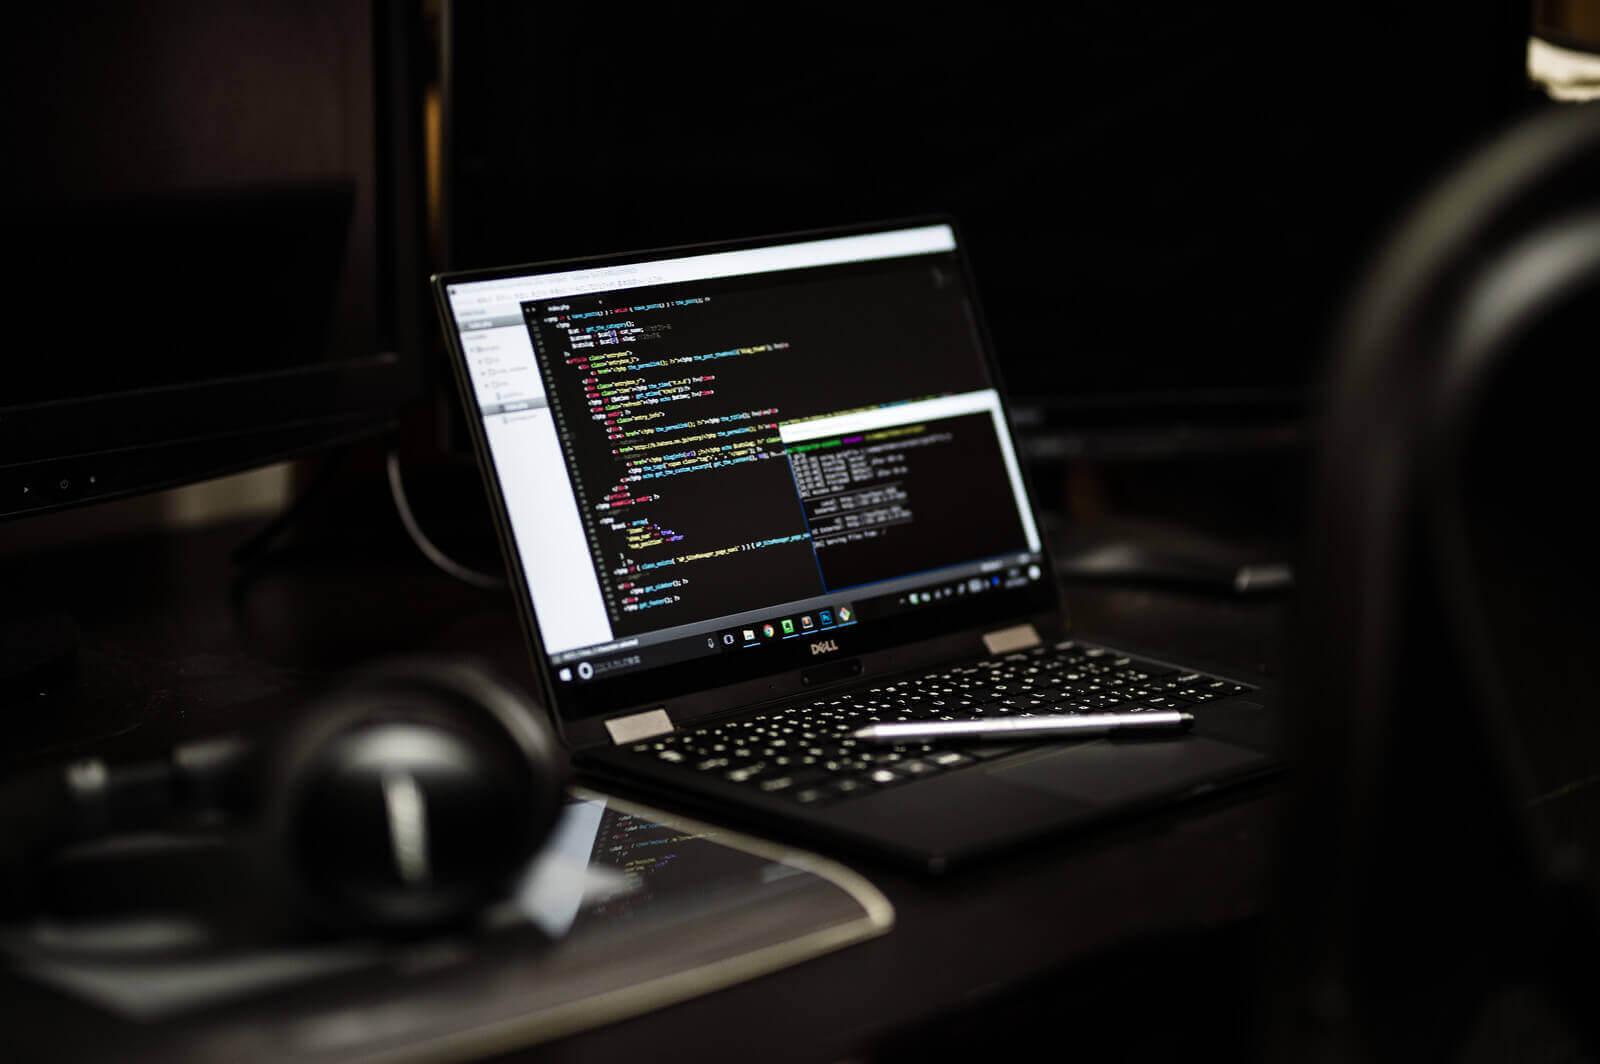 デスクに置かれたコーディング中のノートパソコンとヘッドホン